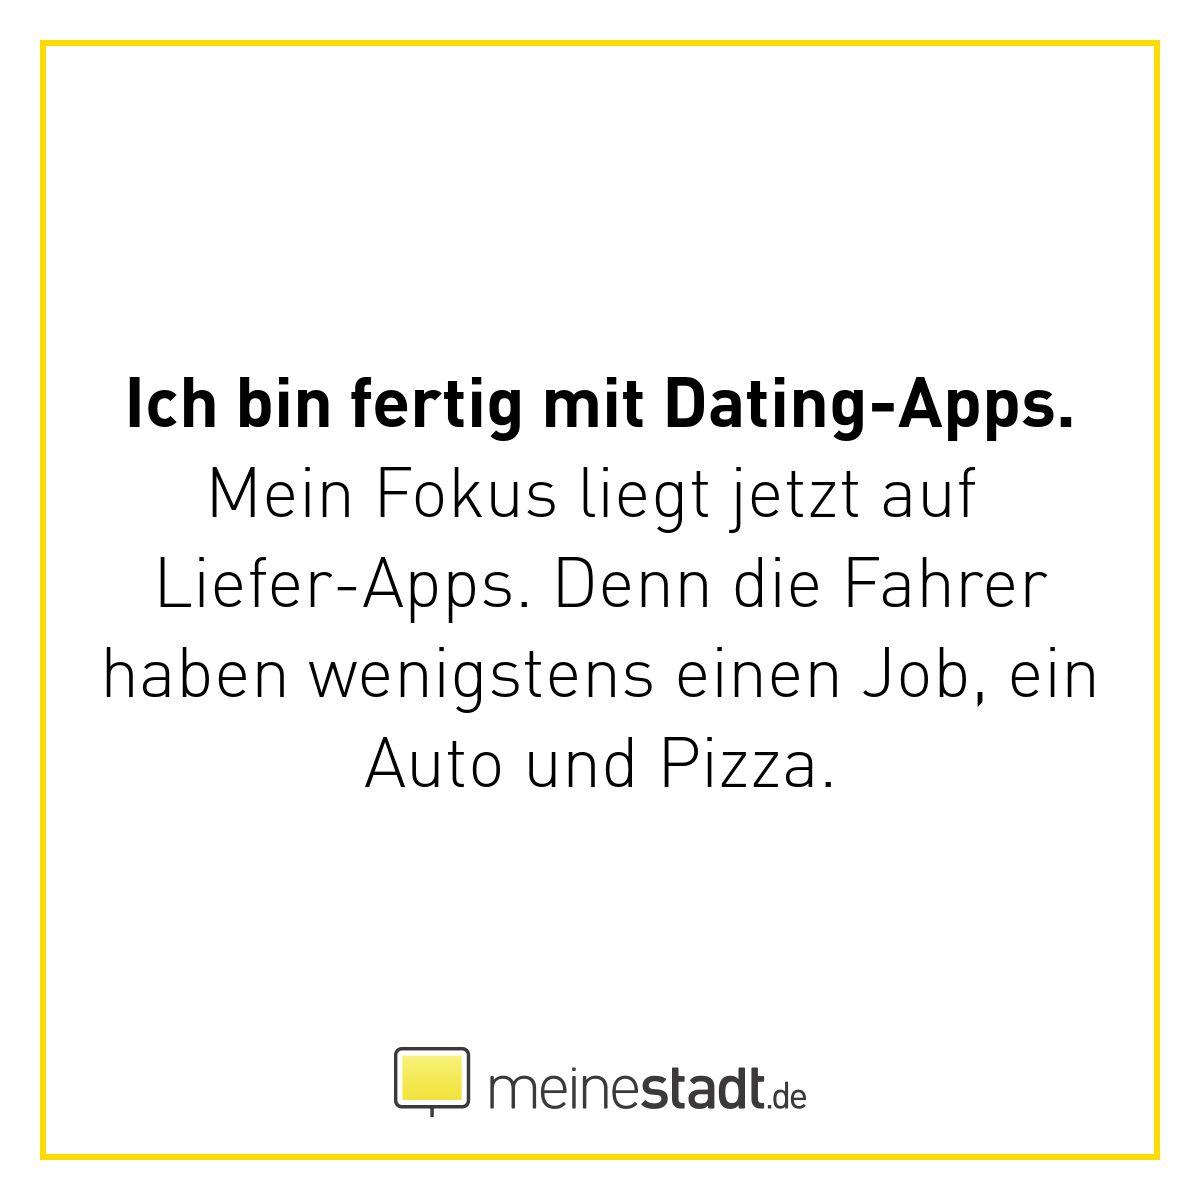 Ich bin Dating-App Was ist nicht exklusives Dating